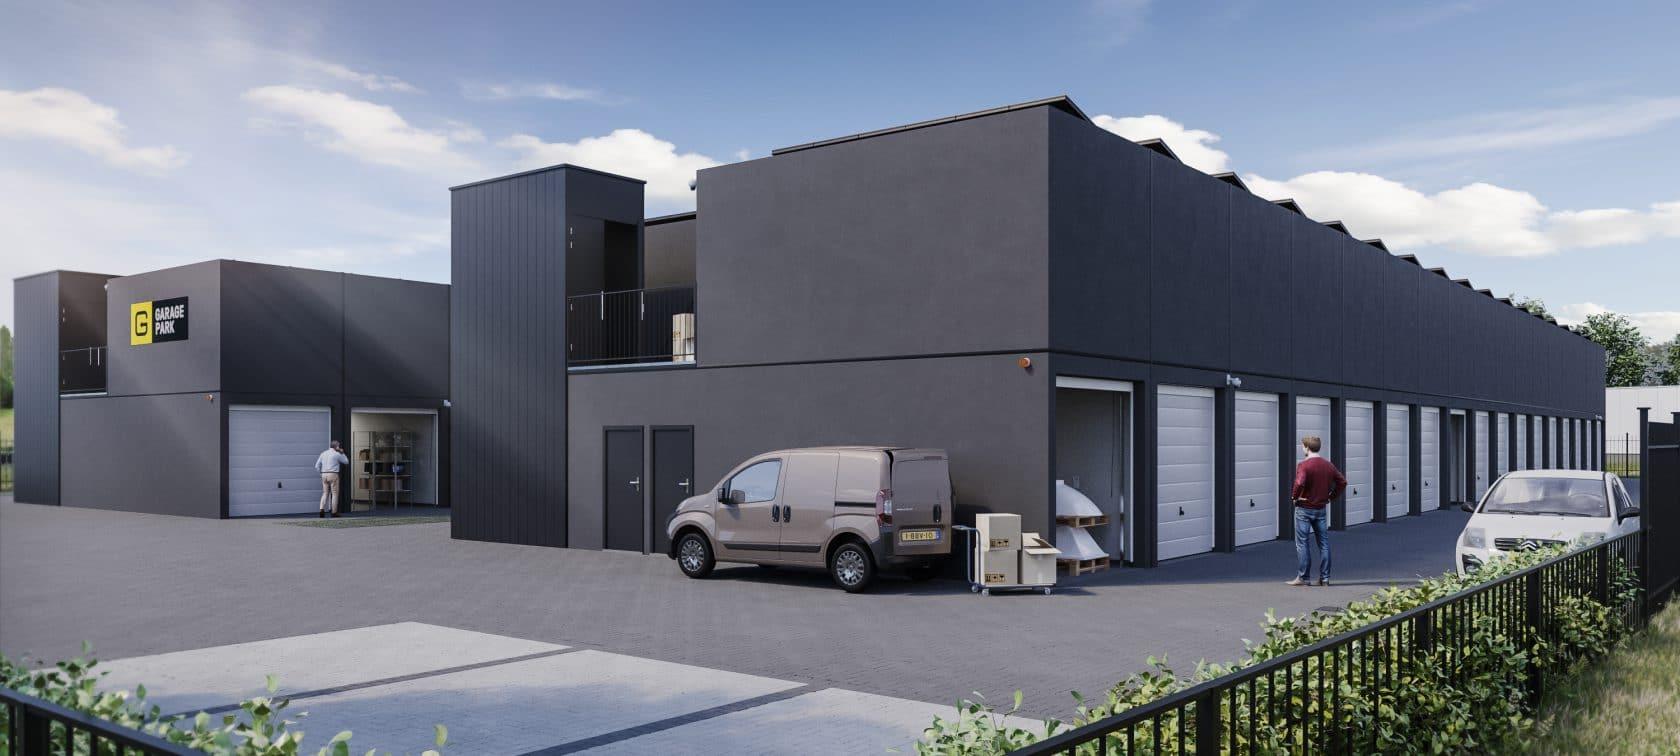 GaragePark Heinenoord 4